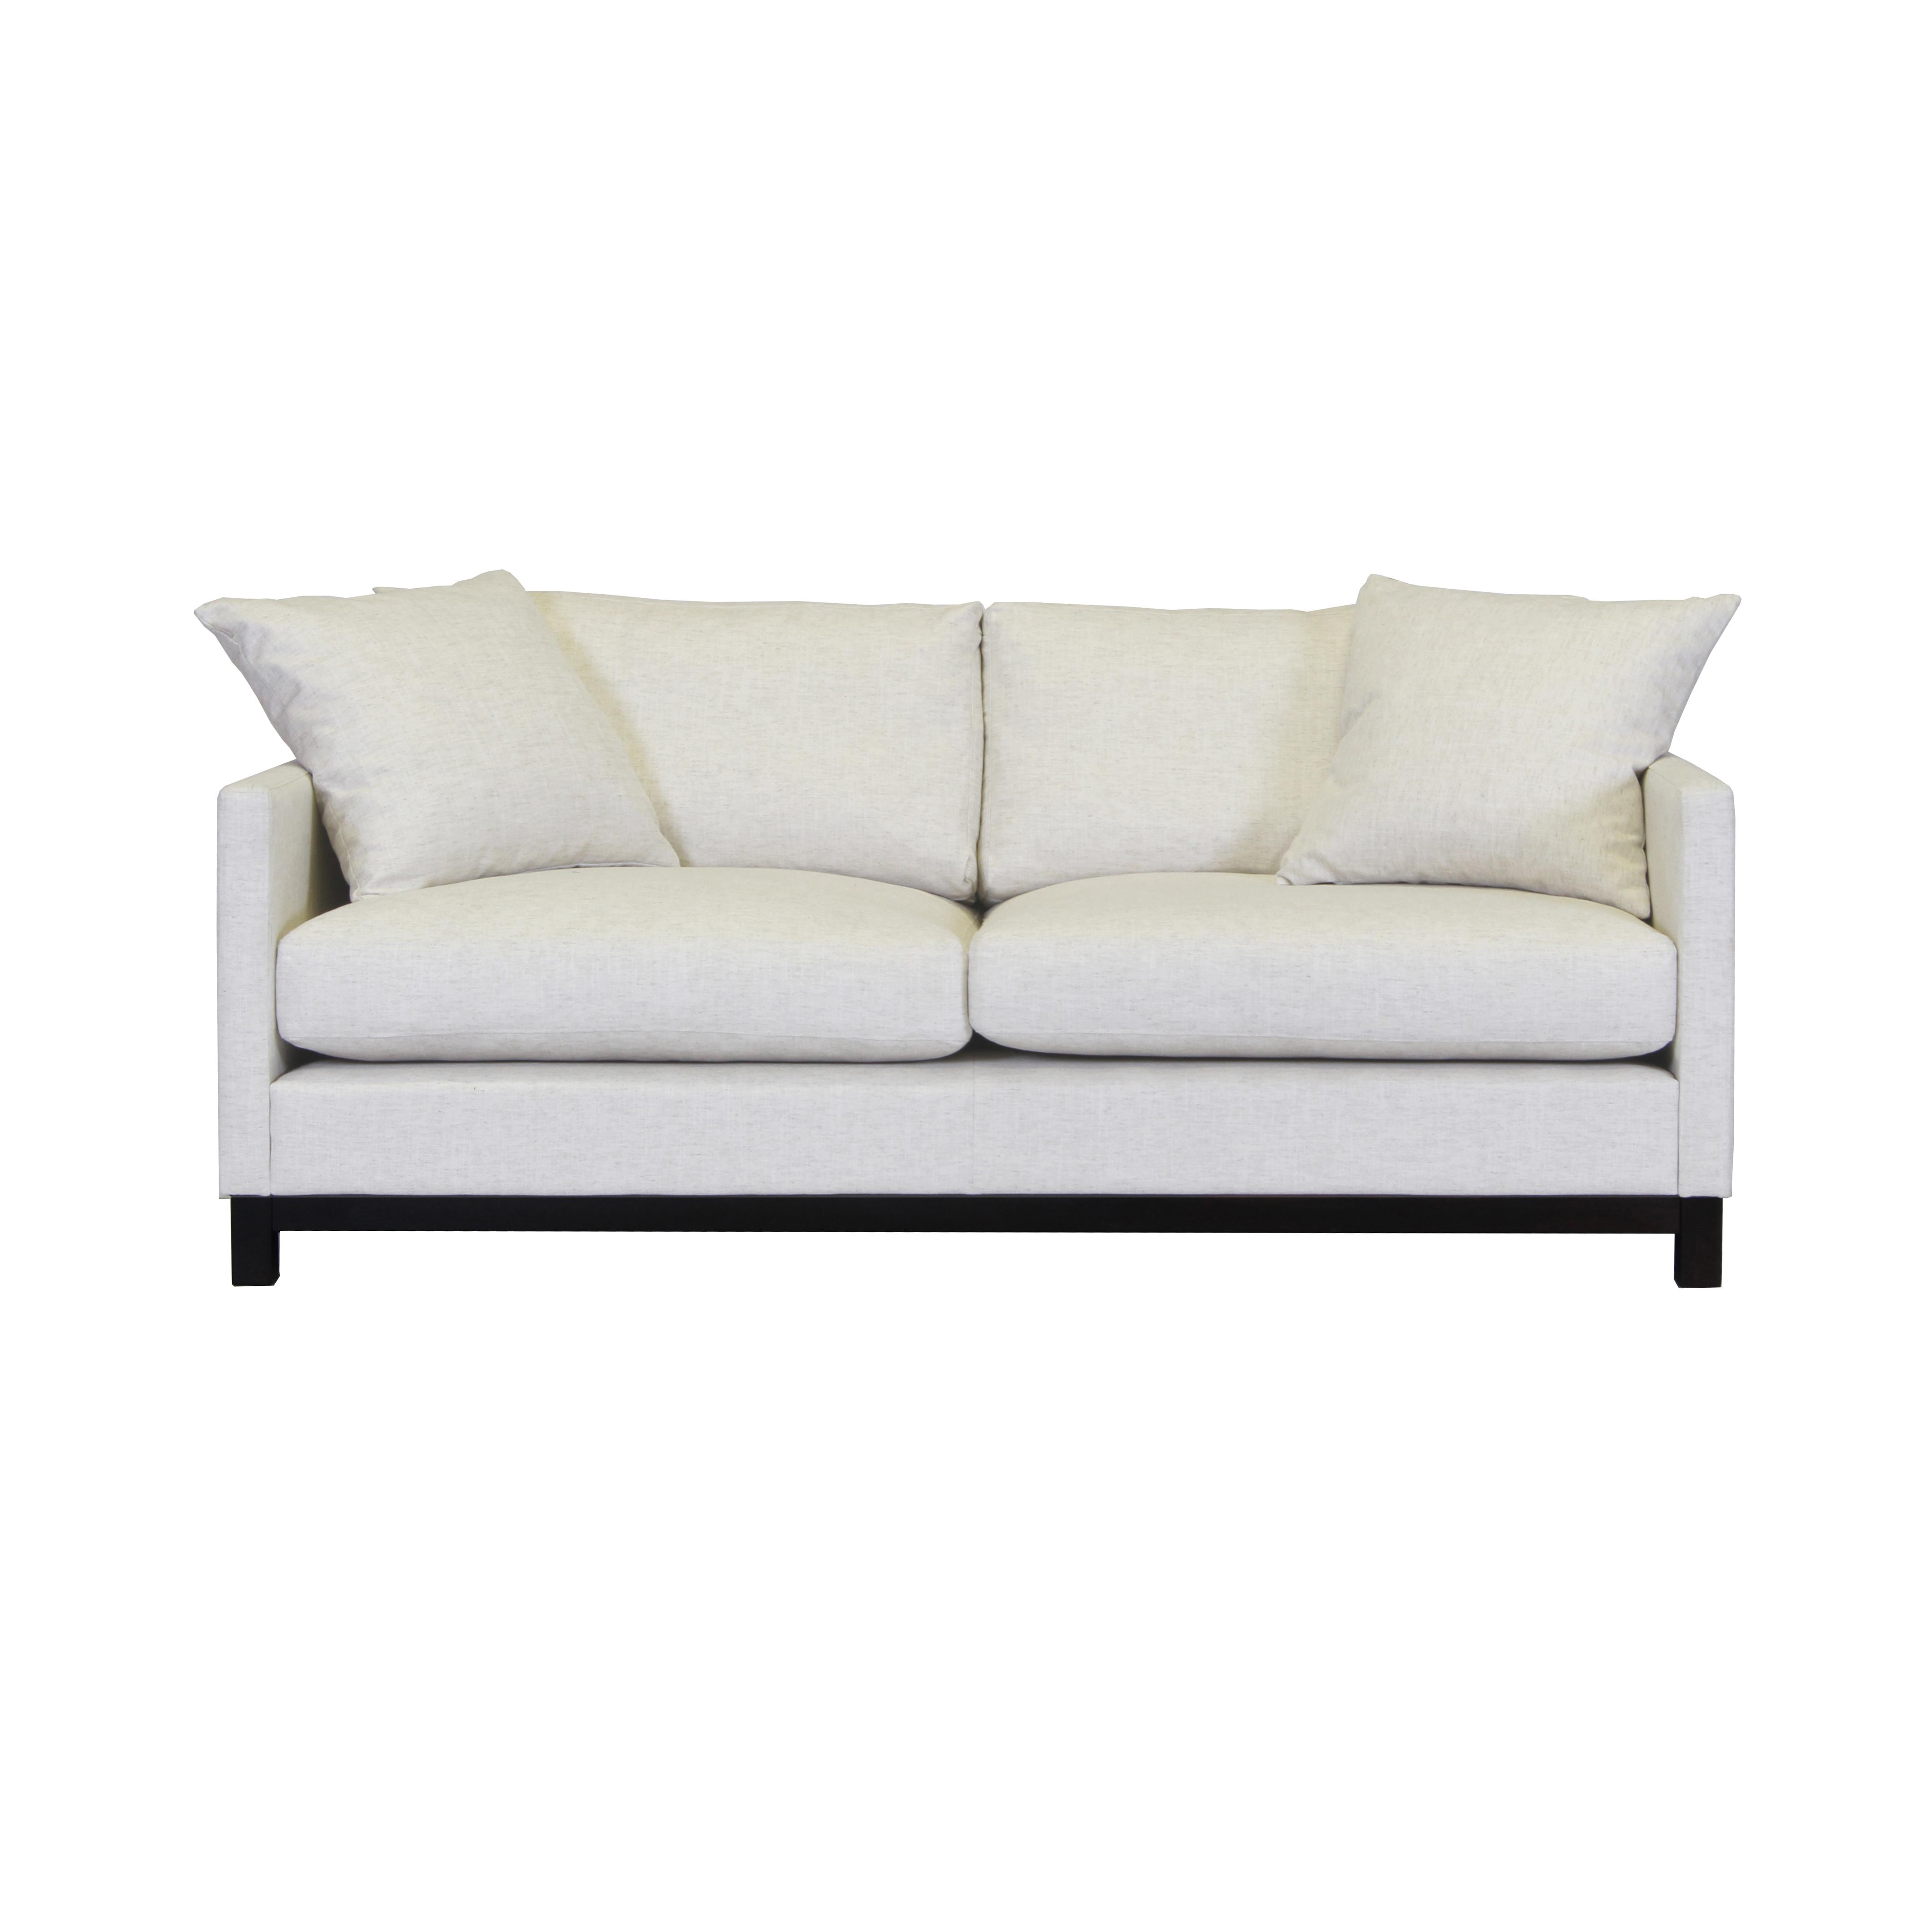 Somerville soffa 3-sits framifrån - englesson.se